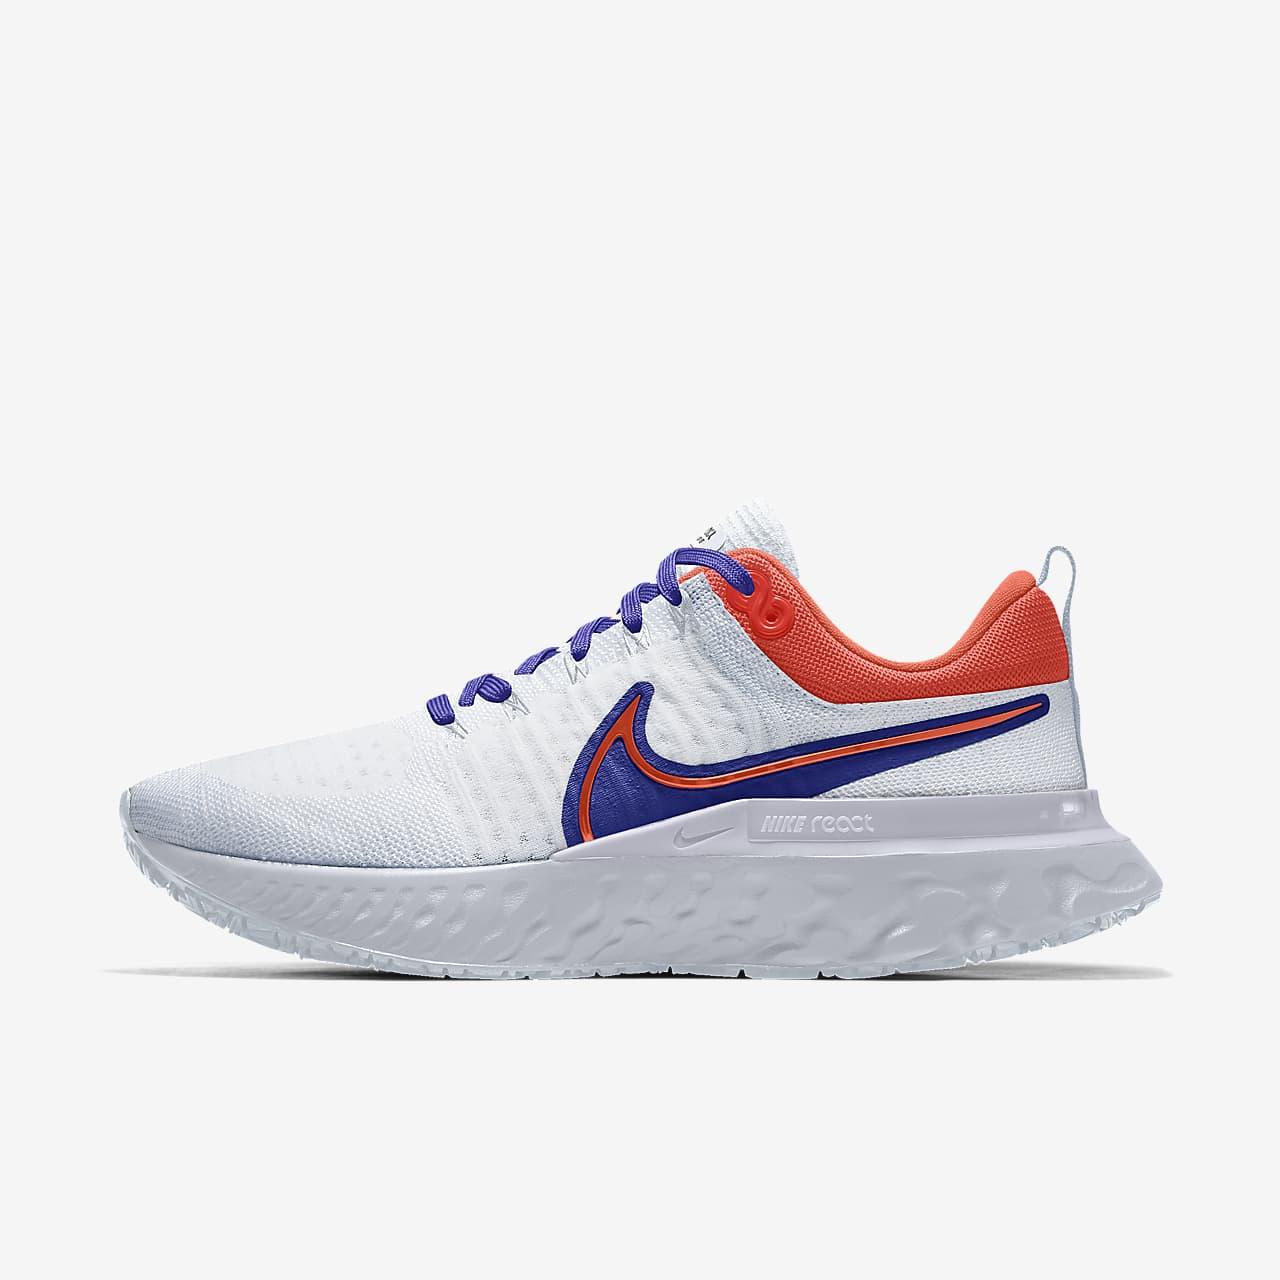 Nike React Infinity Run Flyknit 2 By You Custom Running Shoe